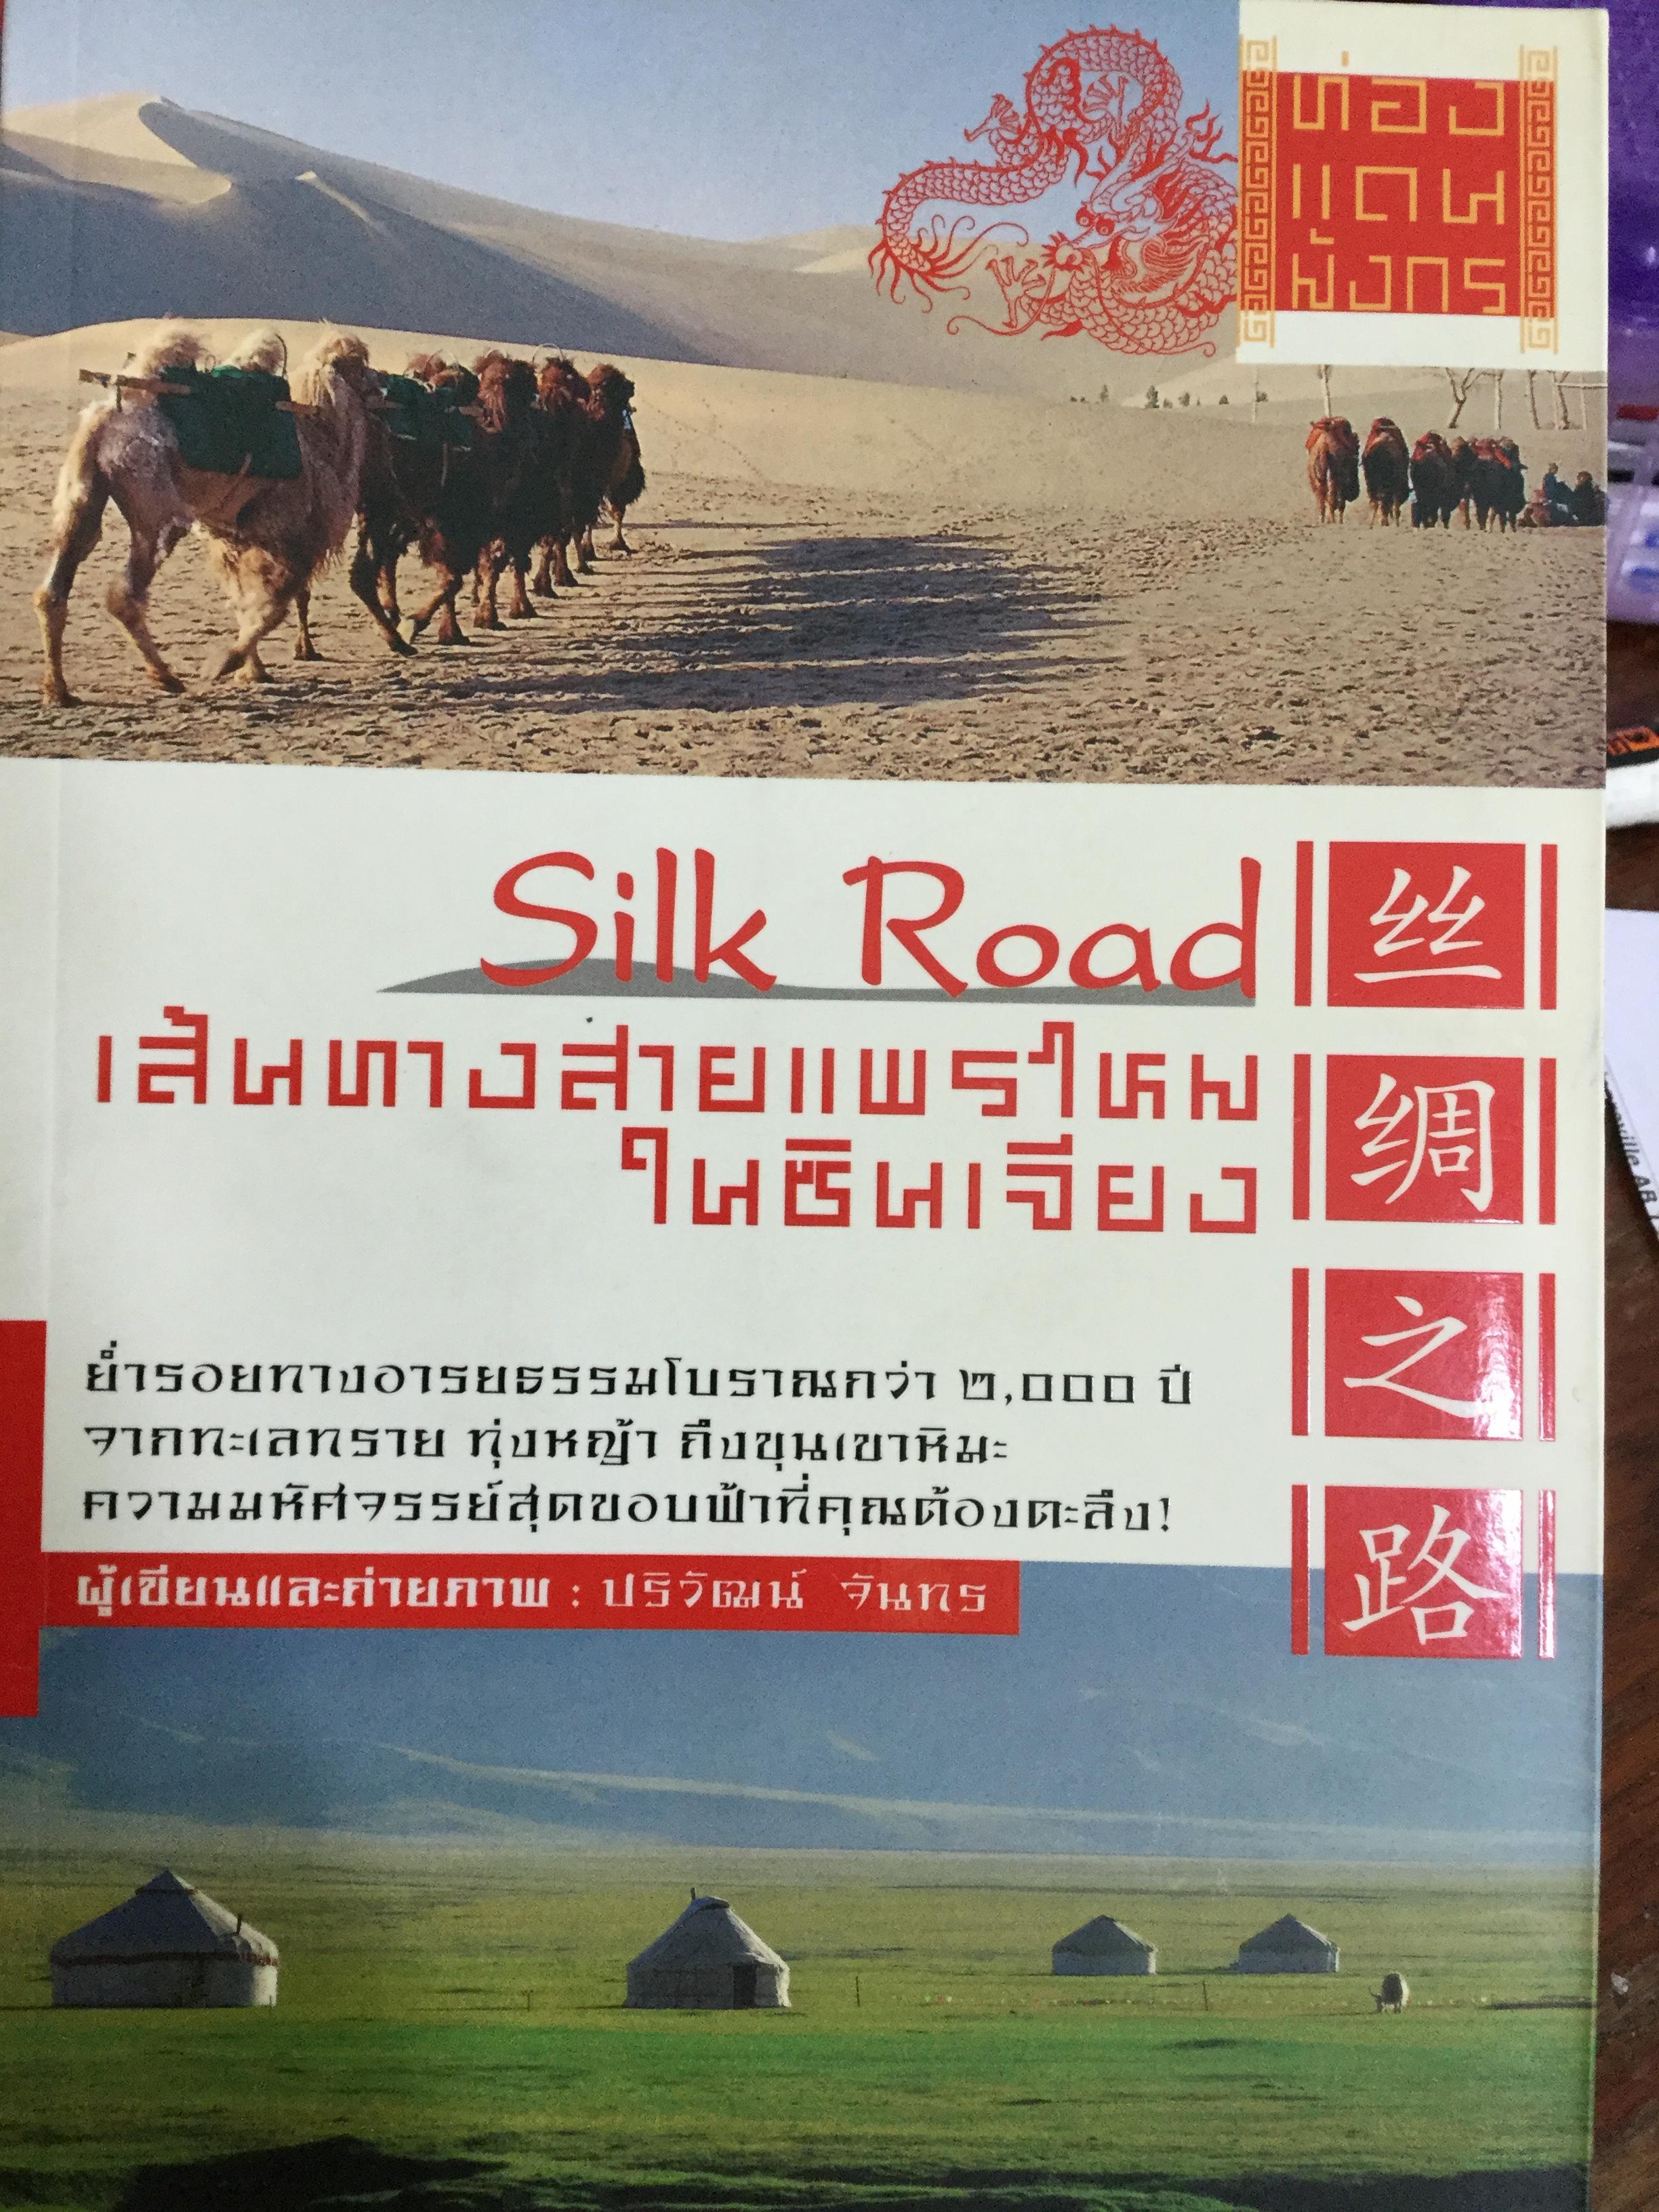 เส้นทางสายแพรไหมในซินเกียง Silk Road ย่ำรอยทางอารยธรรมโบราณกว่า 2,000 ปี จากทะเลทราย ทุ่งหญ้า ถึงขุนเขาหิมะ ความอัศจรรย์สุดขอบฟ้าที่คุณต้องตะลึง